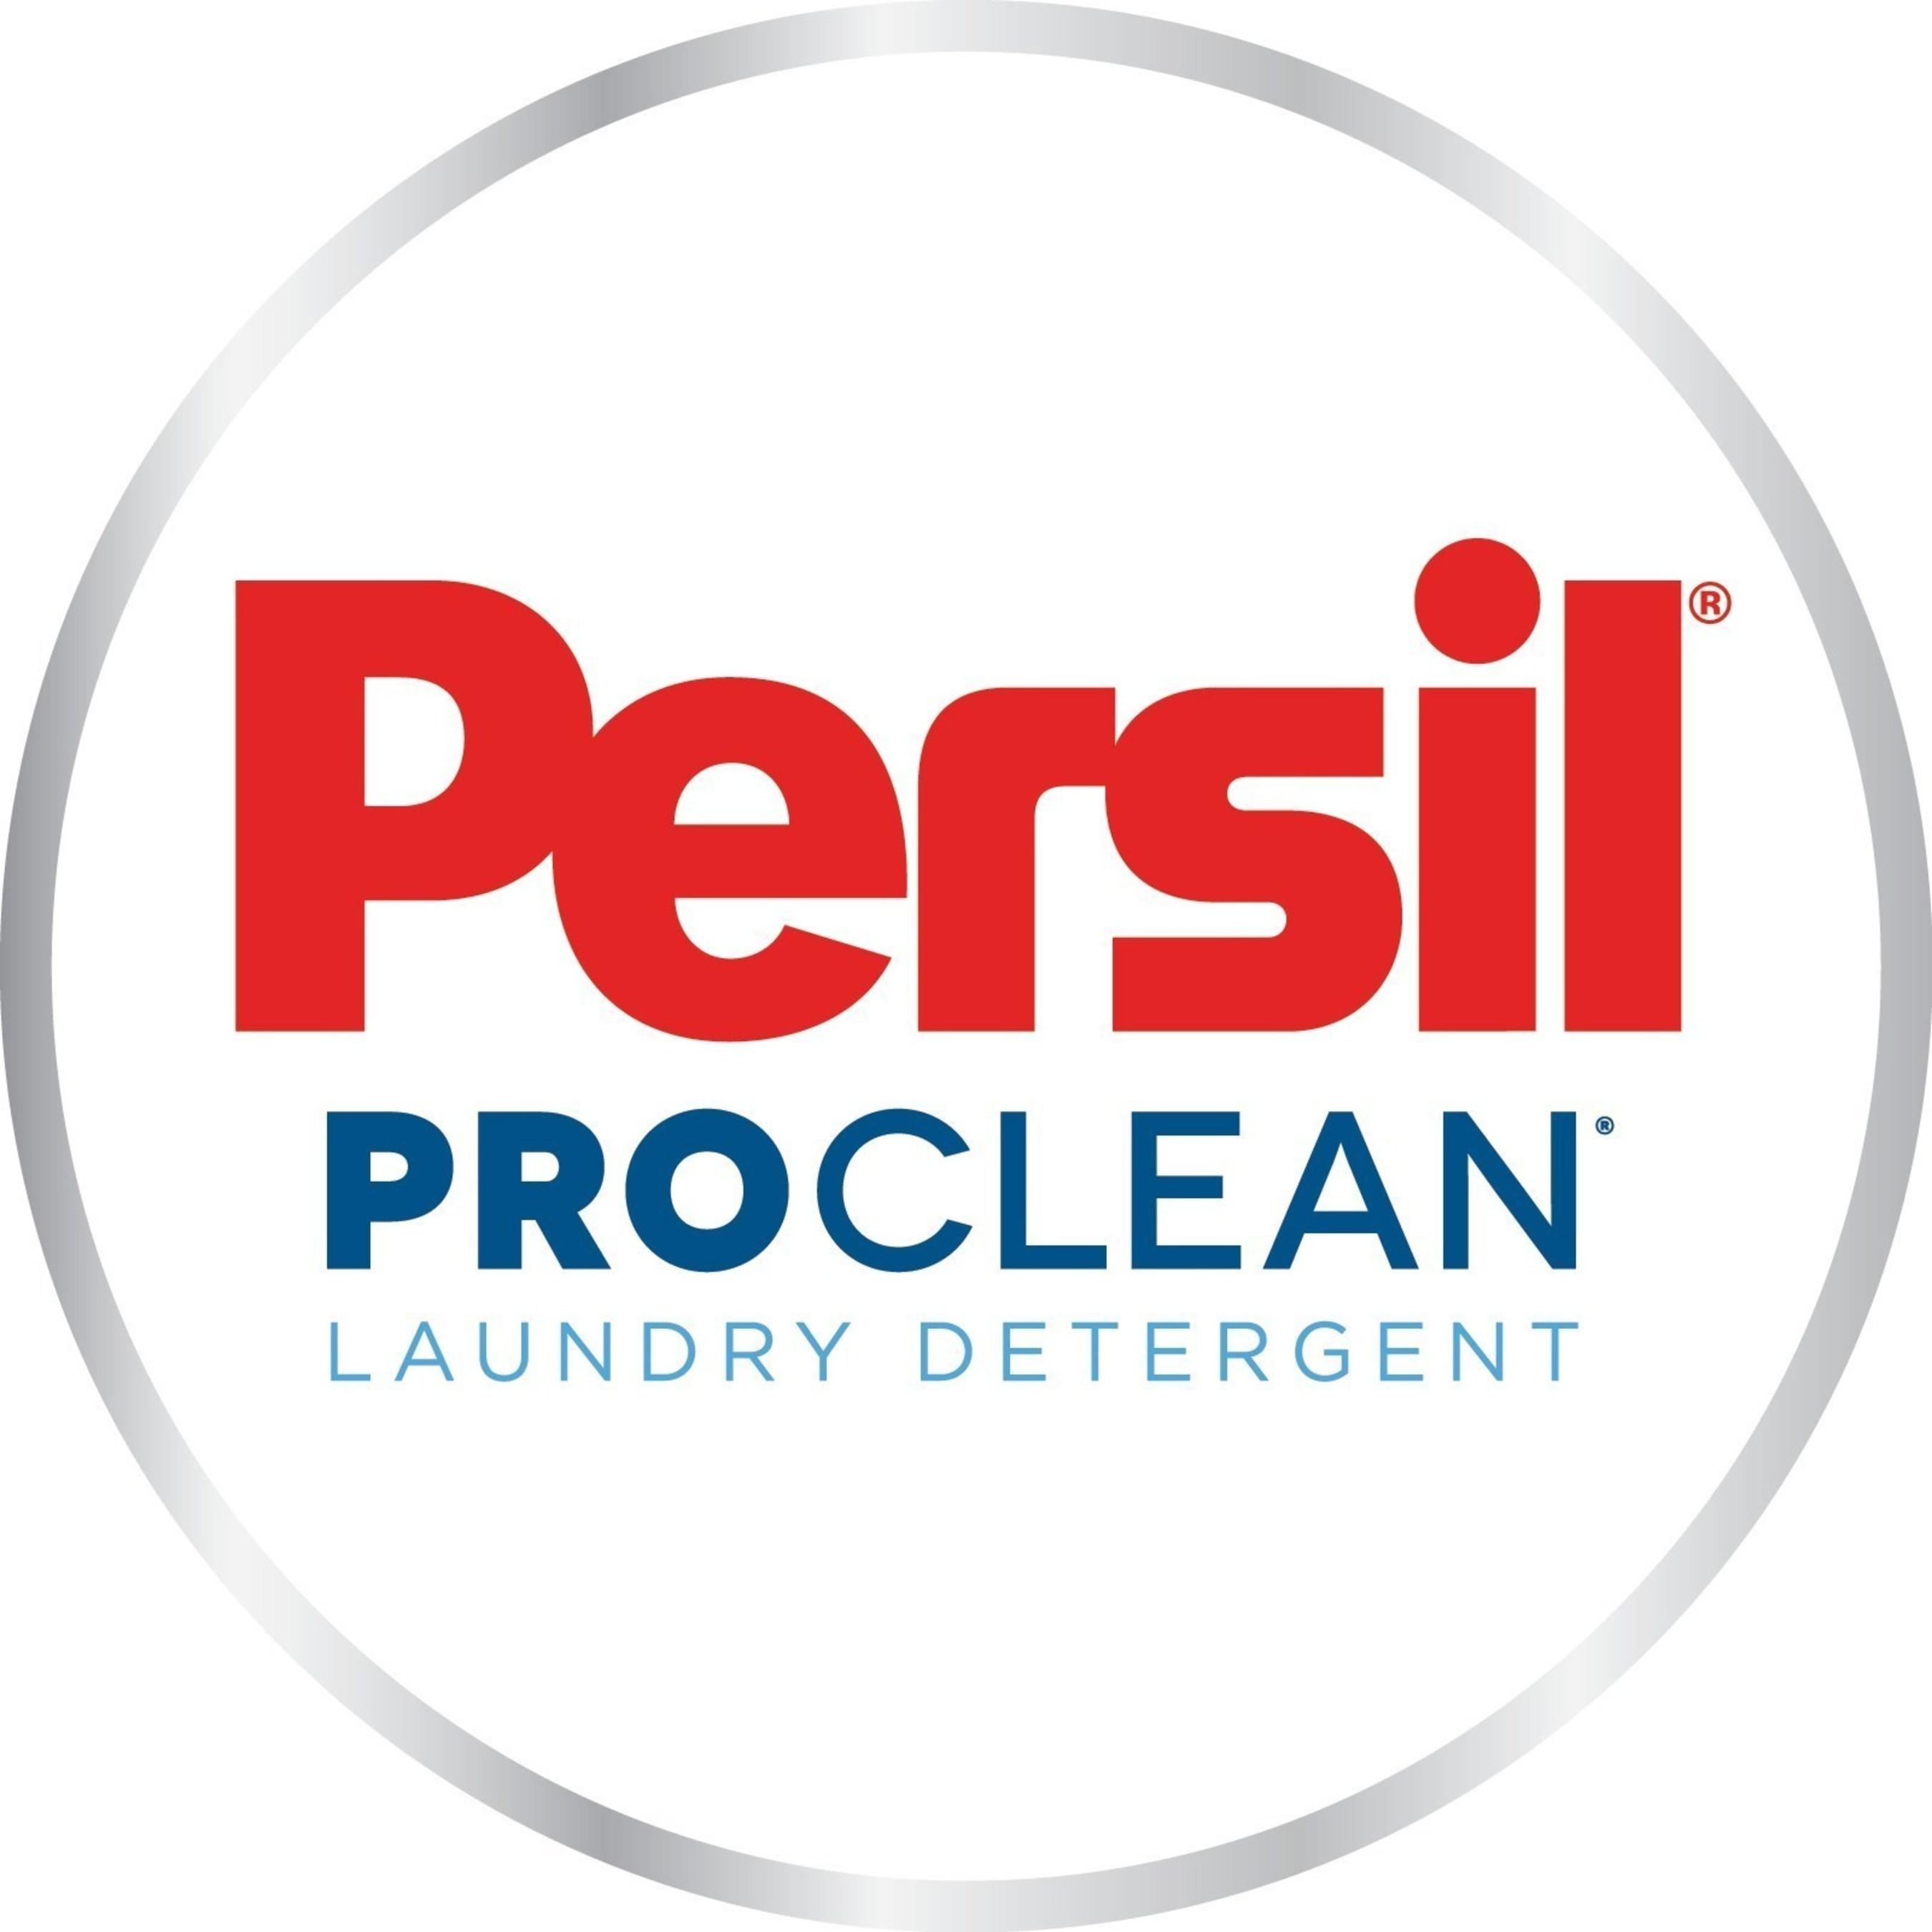 Persil ProClean (PRNewsFoto/Henkel)